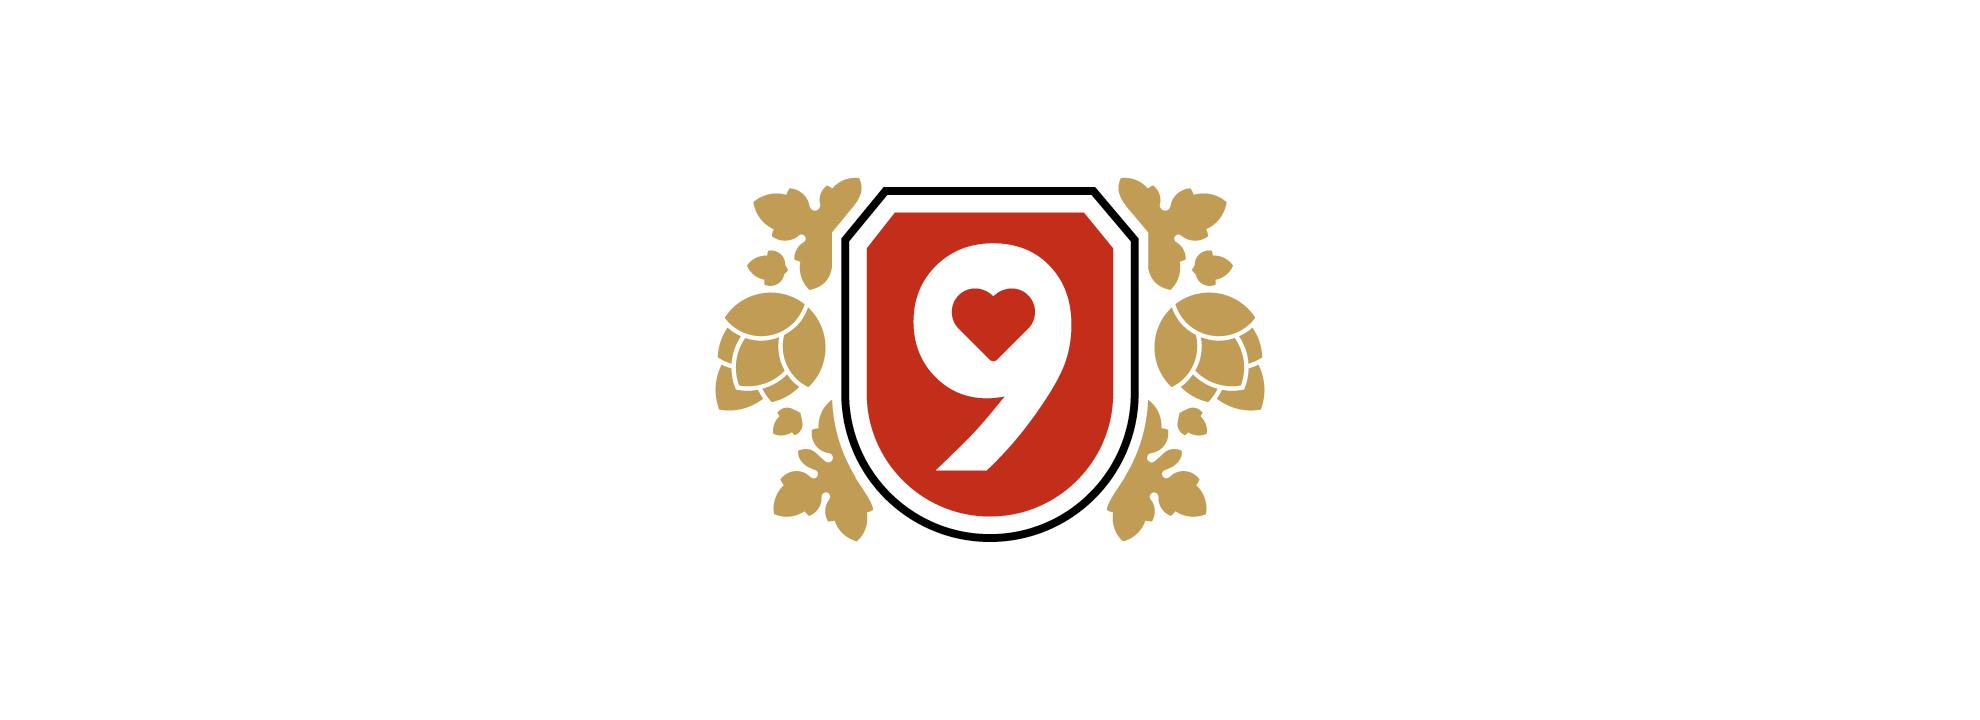 SOI_Web_2019_NSP_Bier-Logo_Herz.png